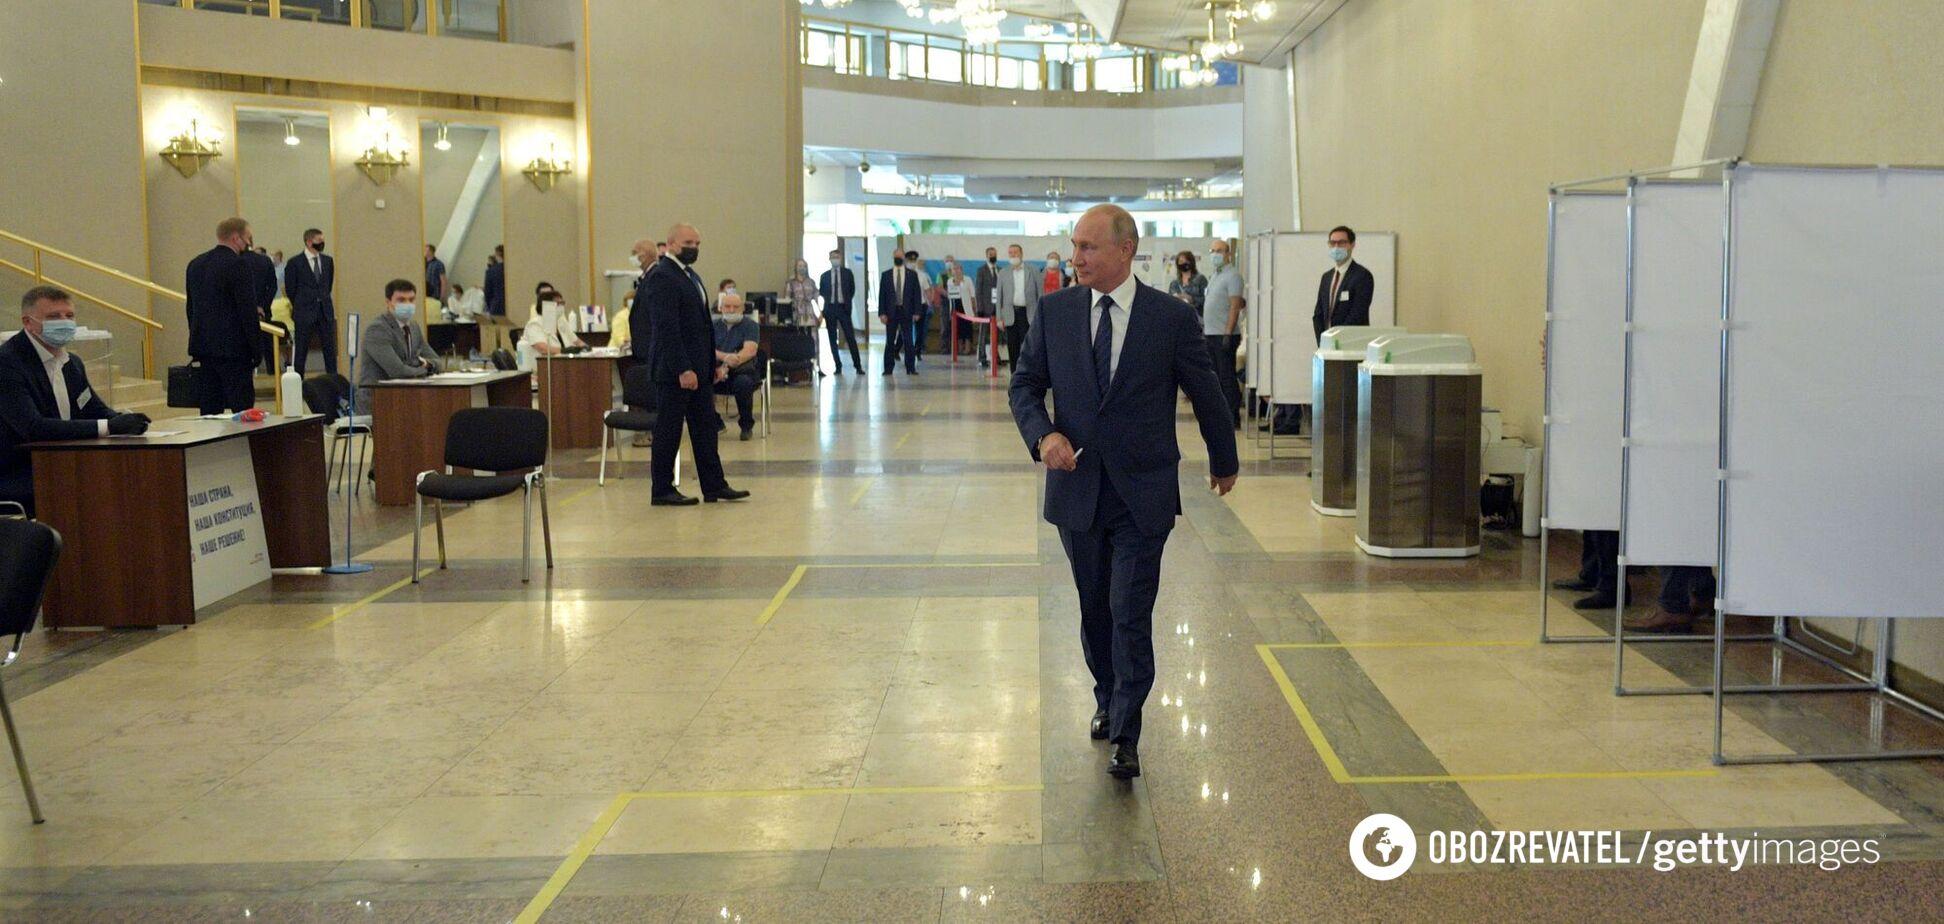 Путін підписав 'закон' про позбавлення волі за згадки про окупований Крим